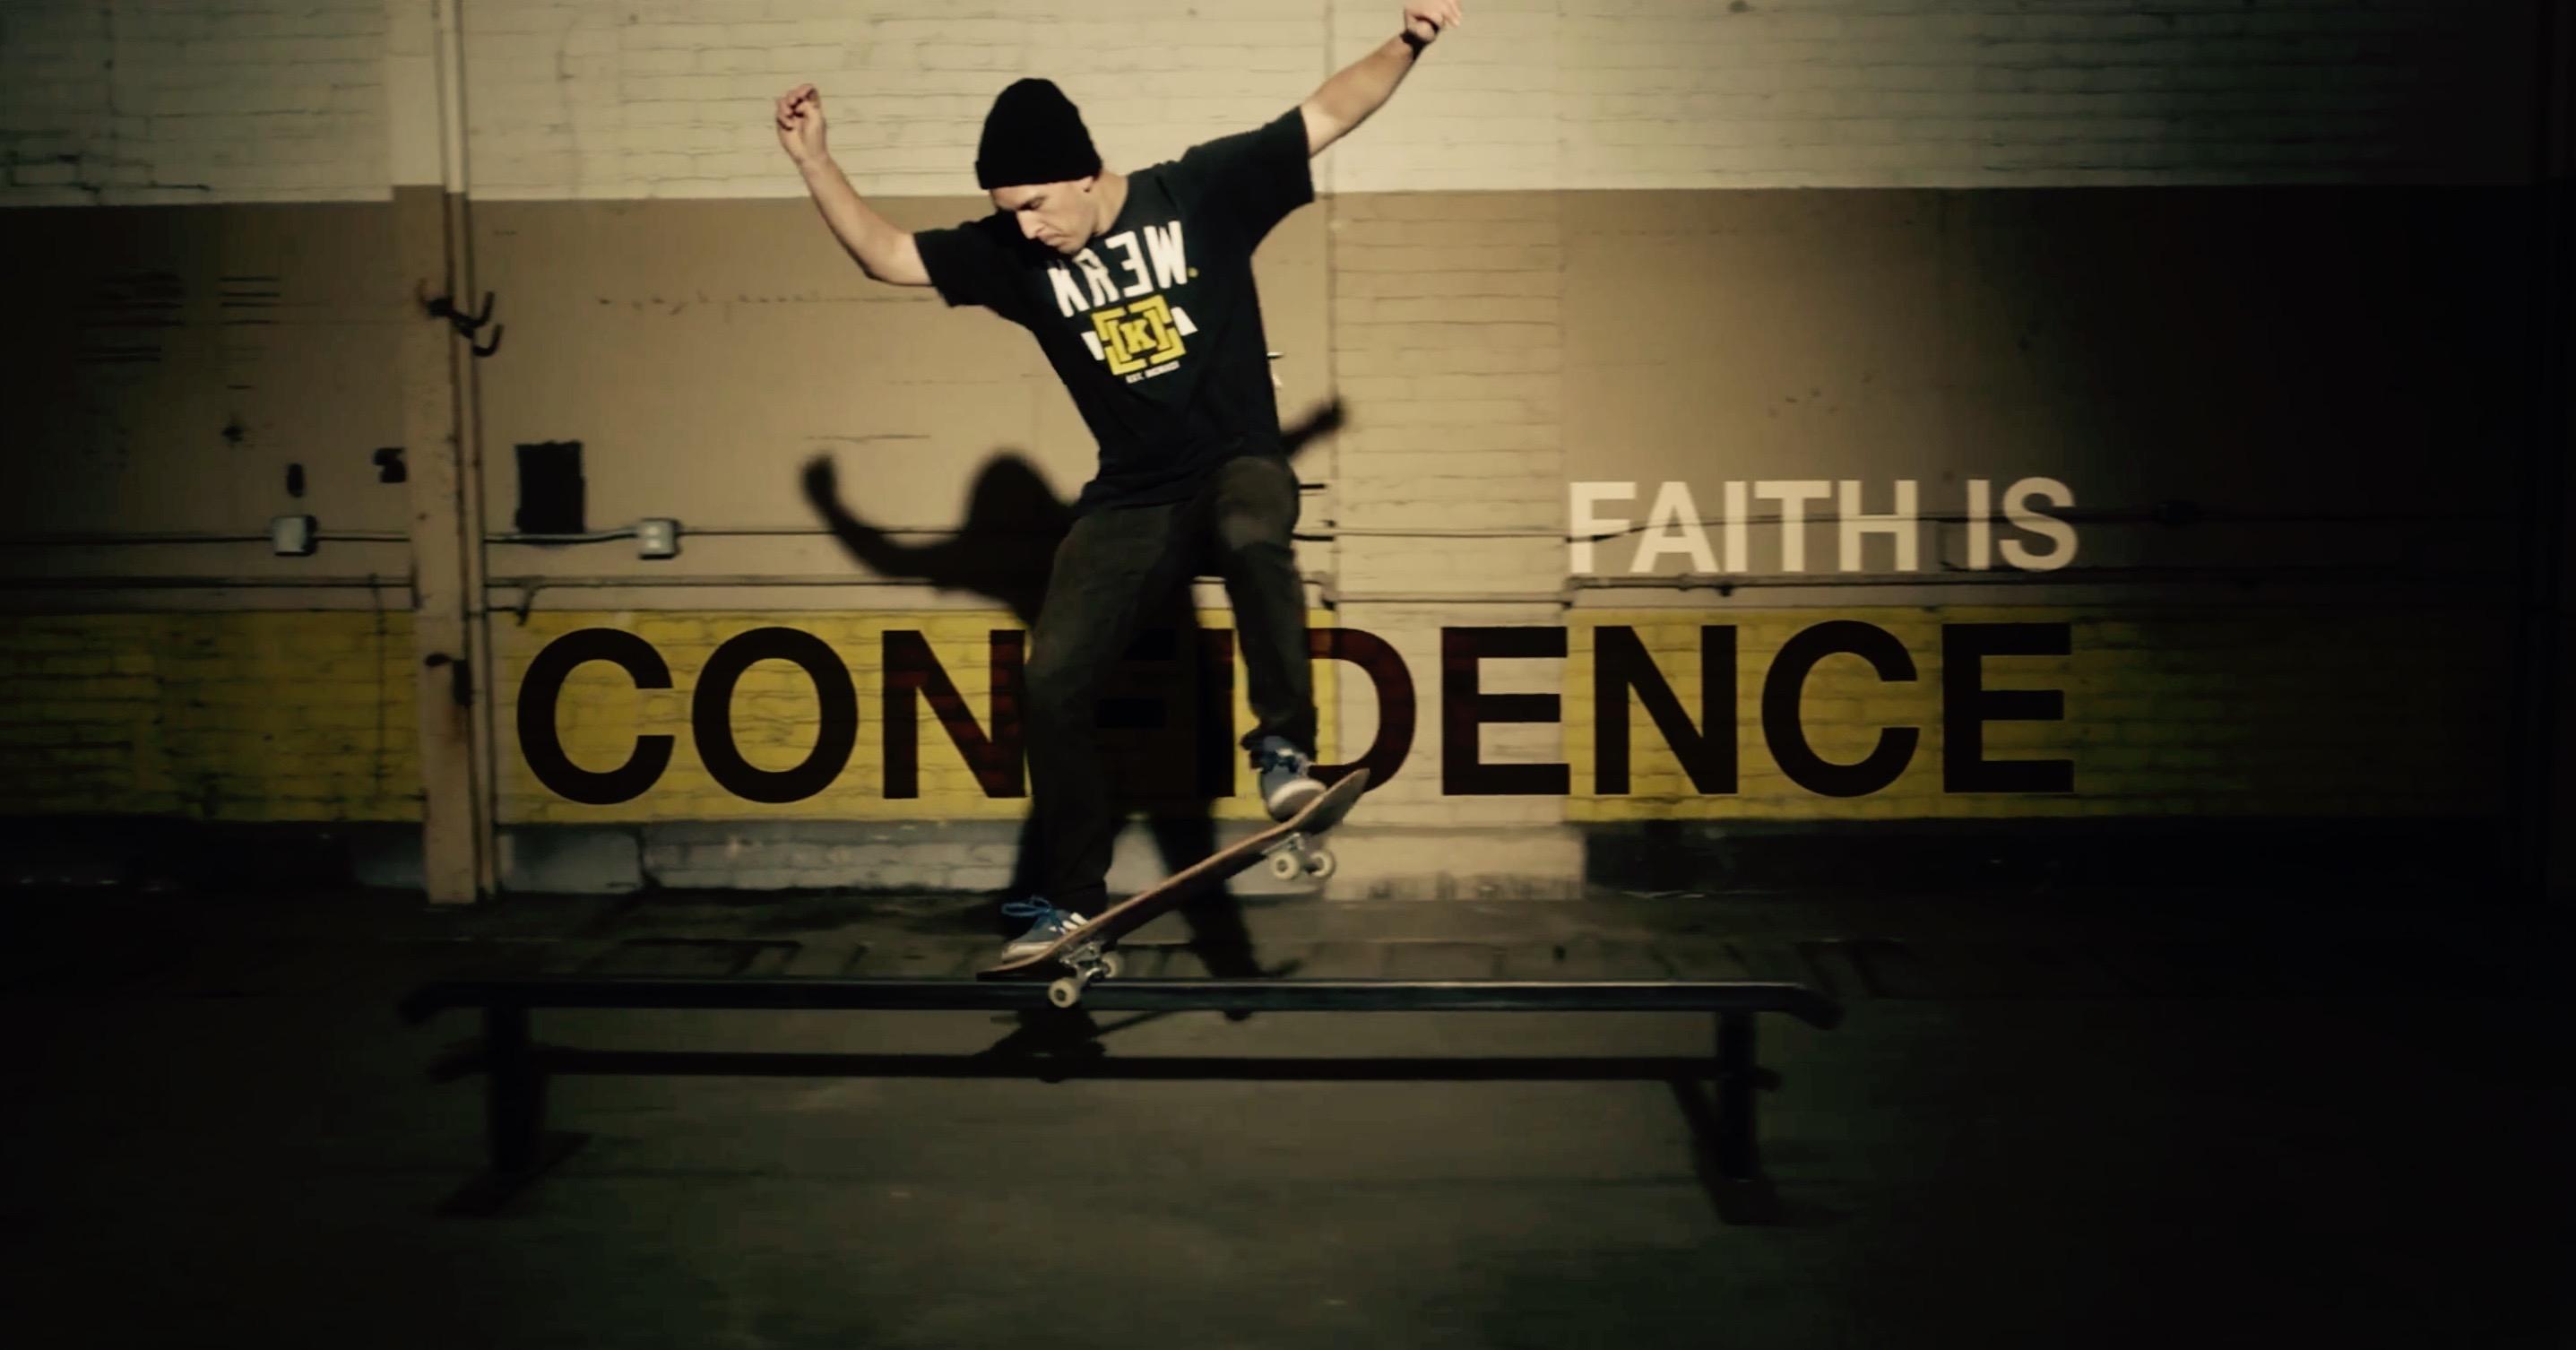 Skateboards & Faith